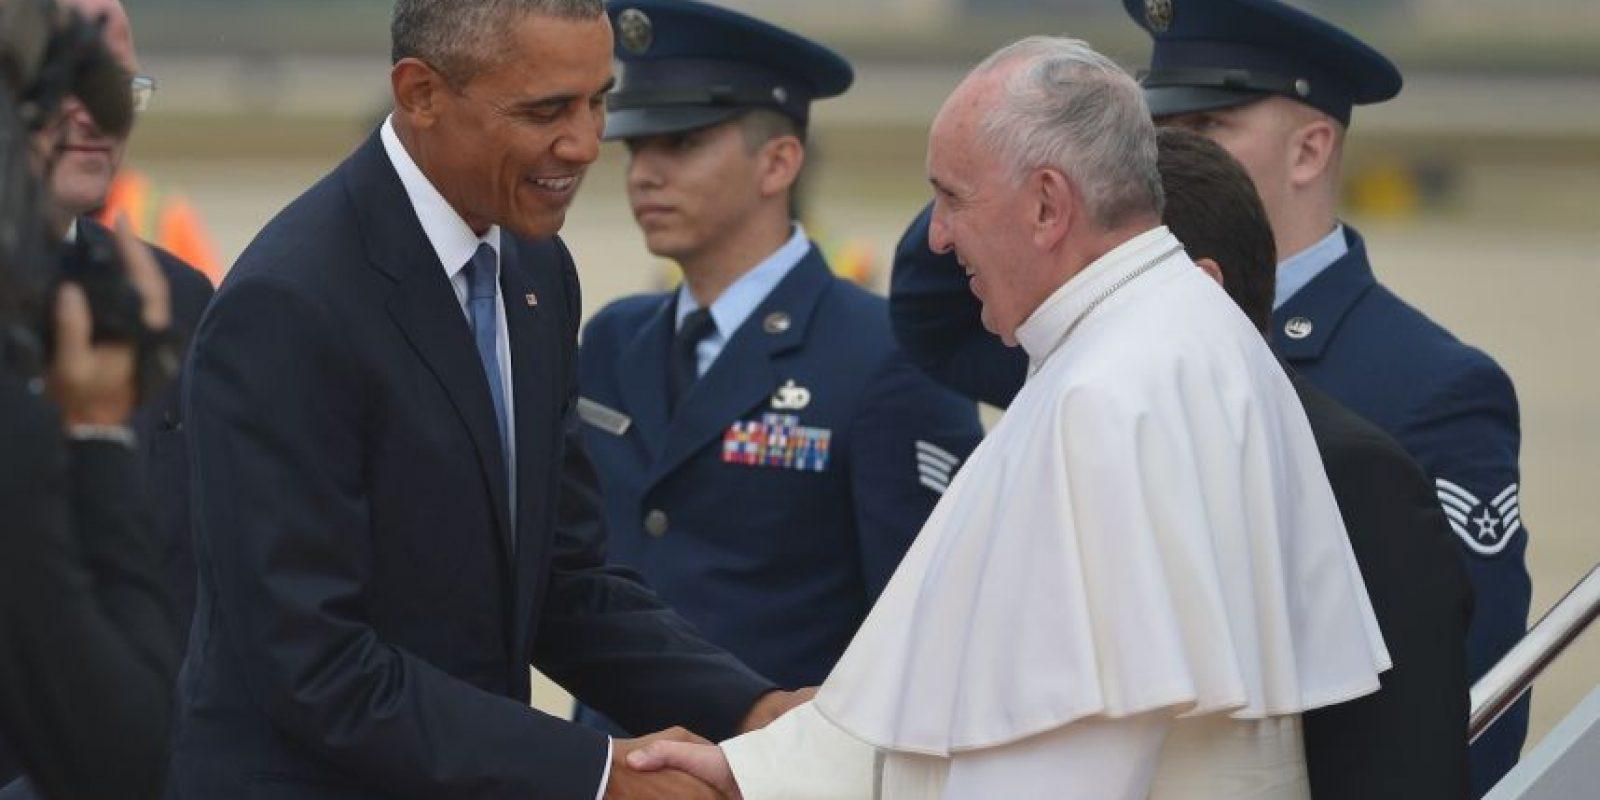 Fue recibido por el presidente Barack Obama y su familia. Foto:AFP